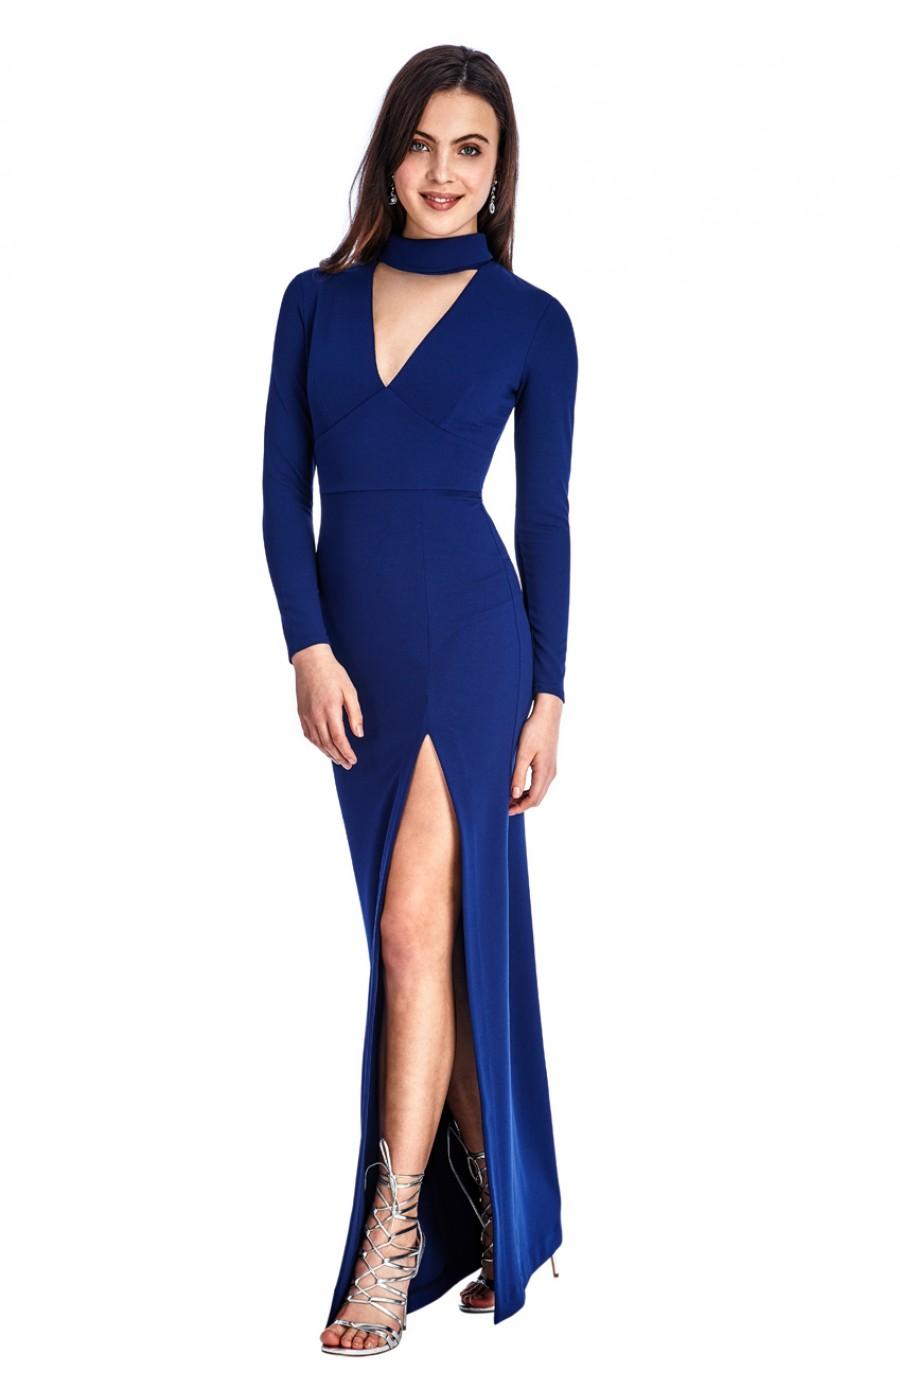 Μπλε μακρύ φόρεμα με βαθύ σκισιμο και τσοκερ